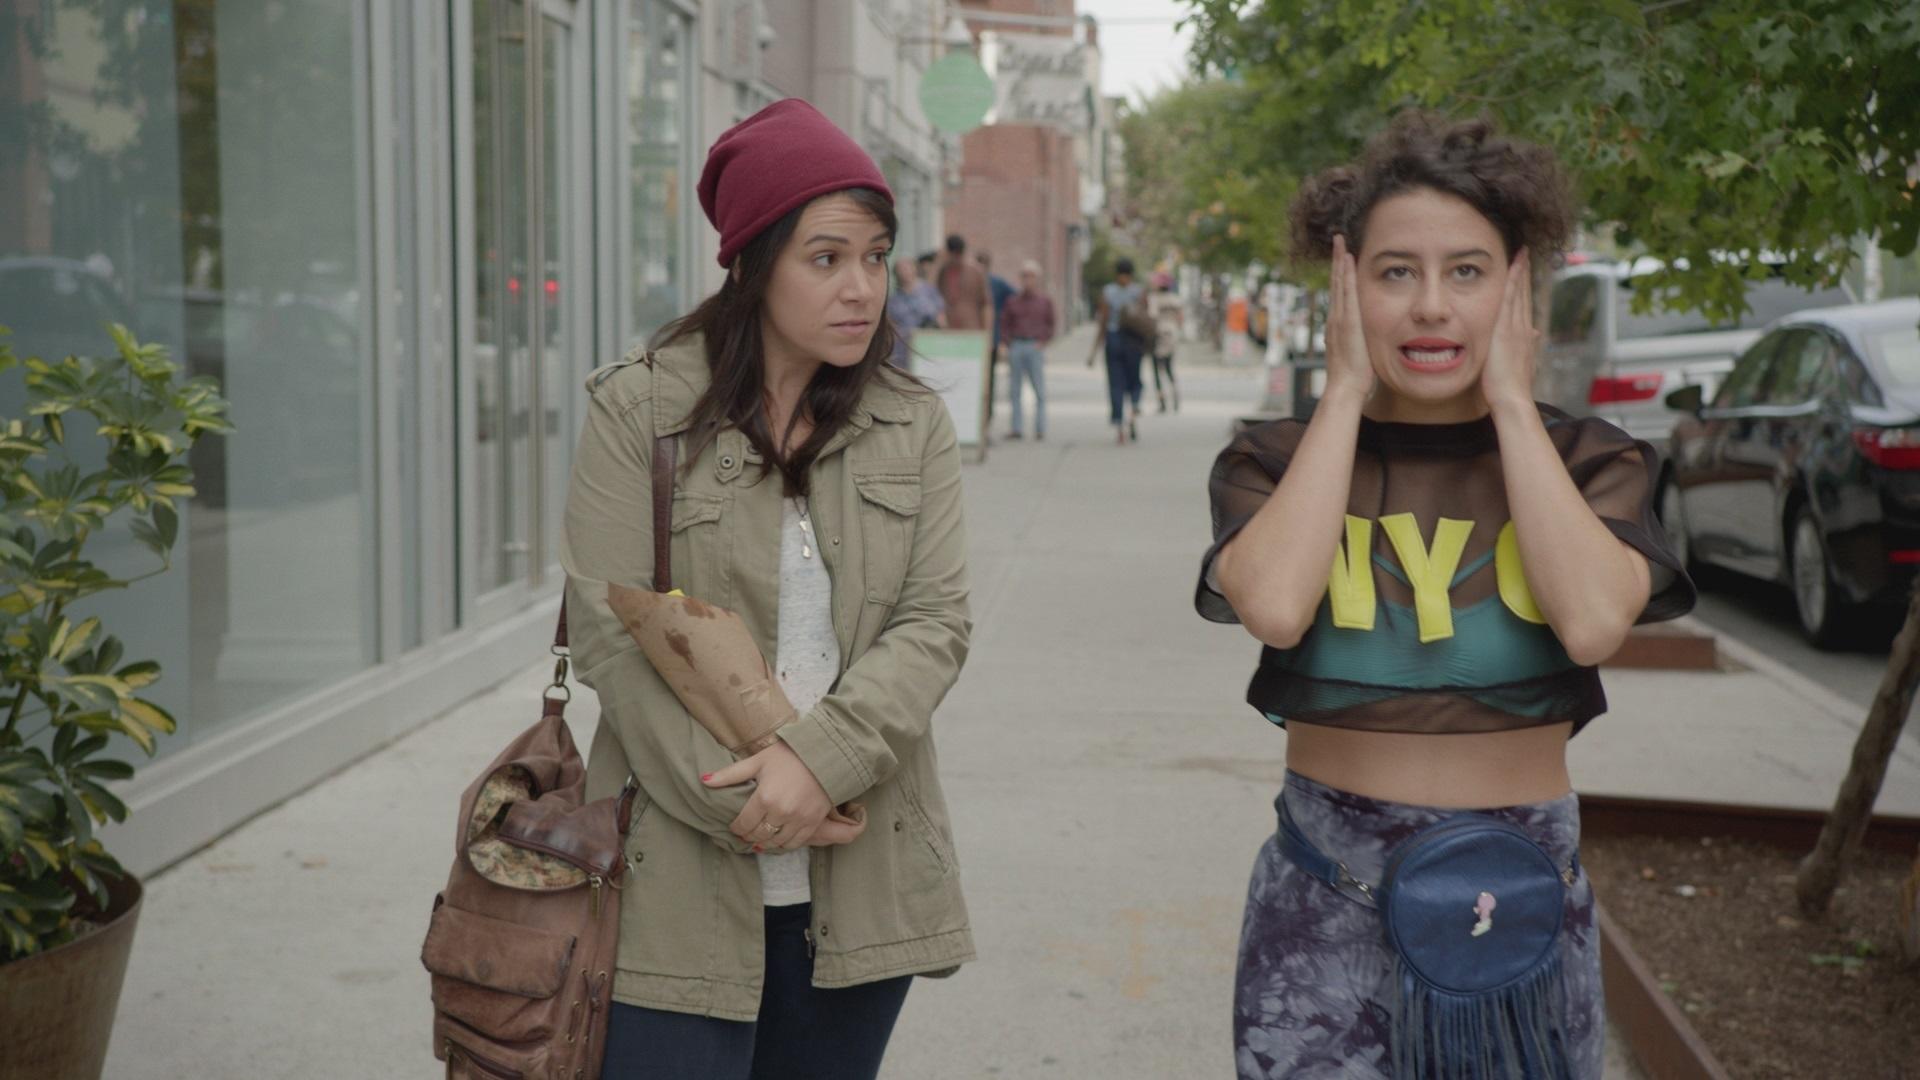 Abbi (à esquerda) e Ilana em cena de 'Broad City'. Crédito: Divulgação